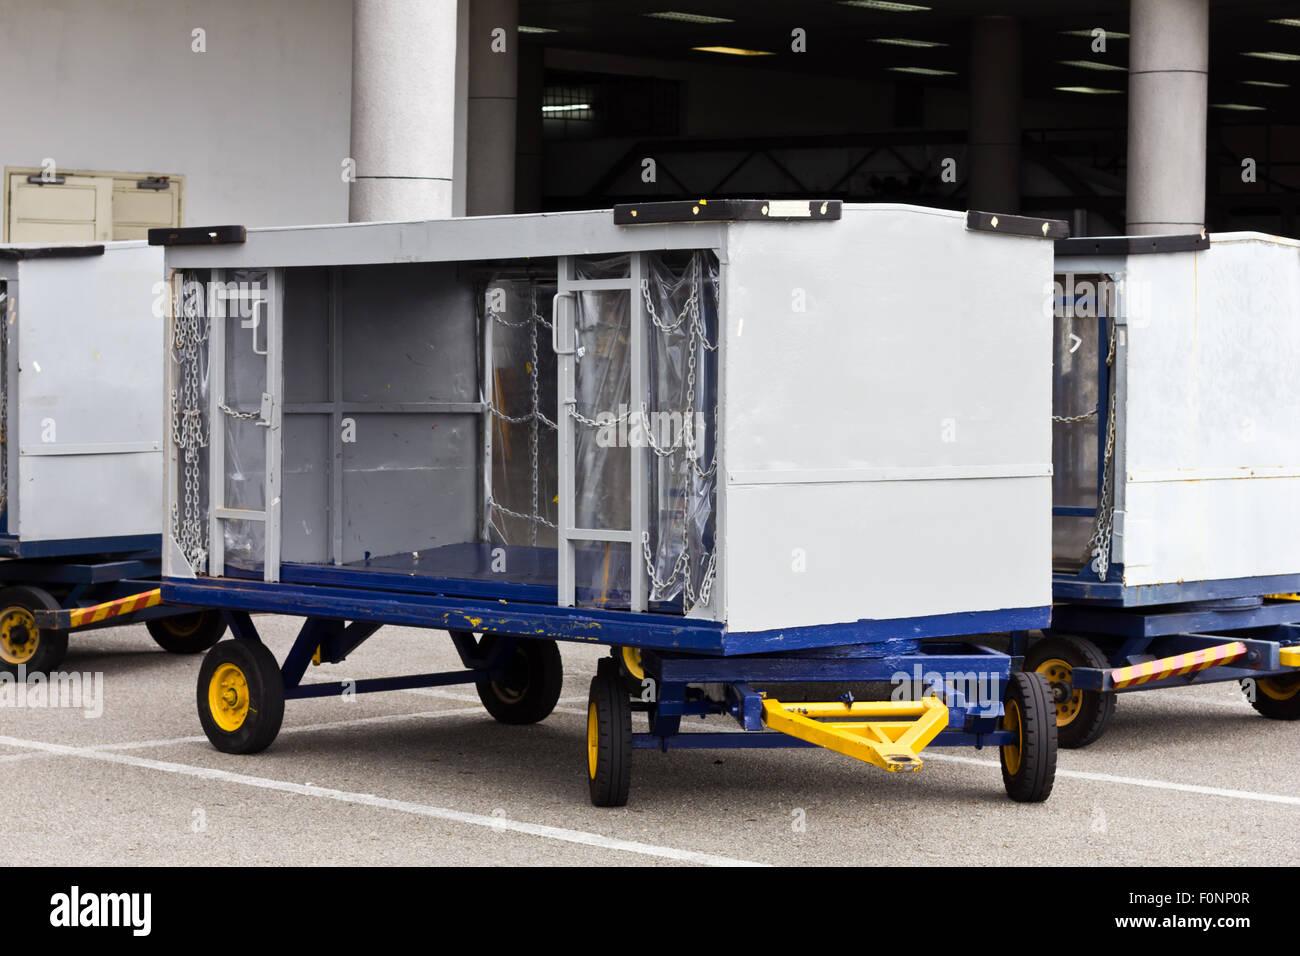 Flughafen-Gepäck-trolley Stockbild